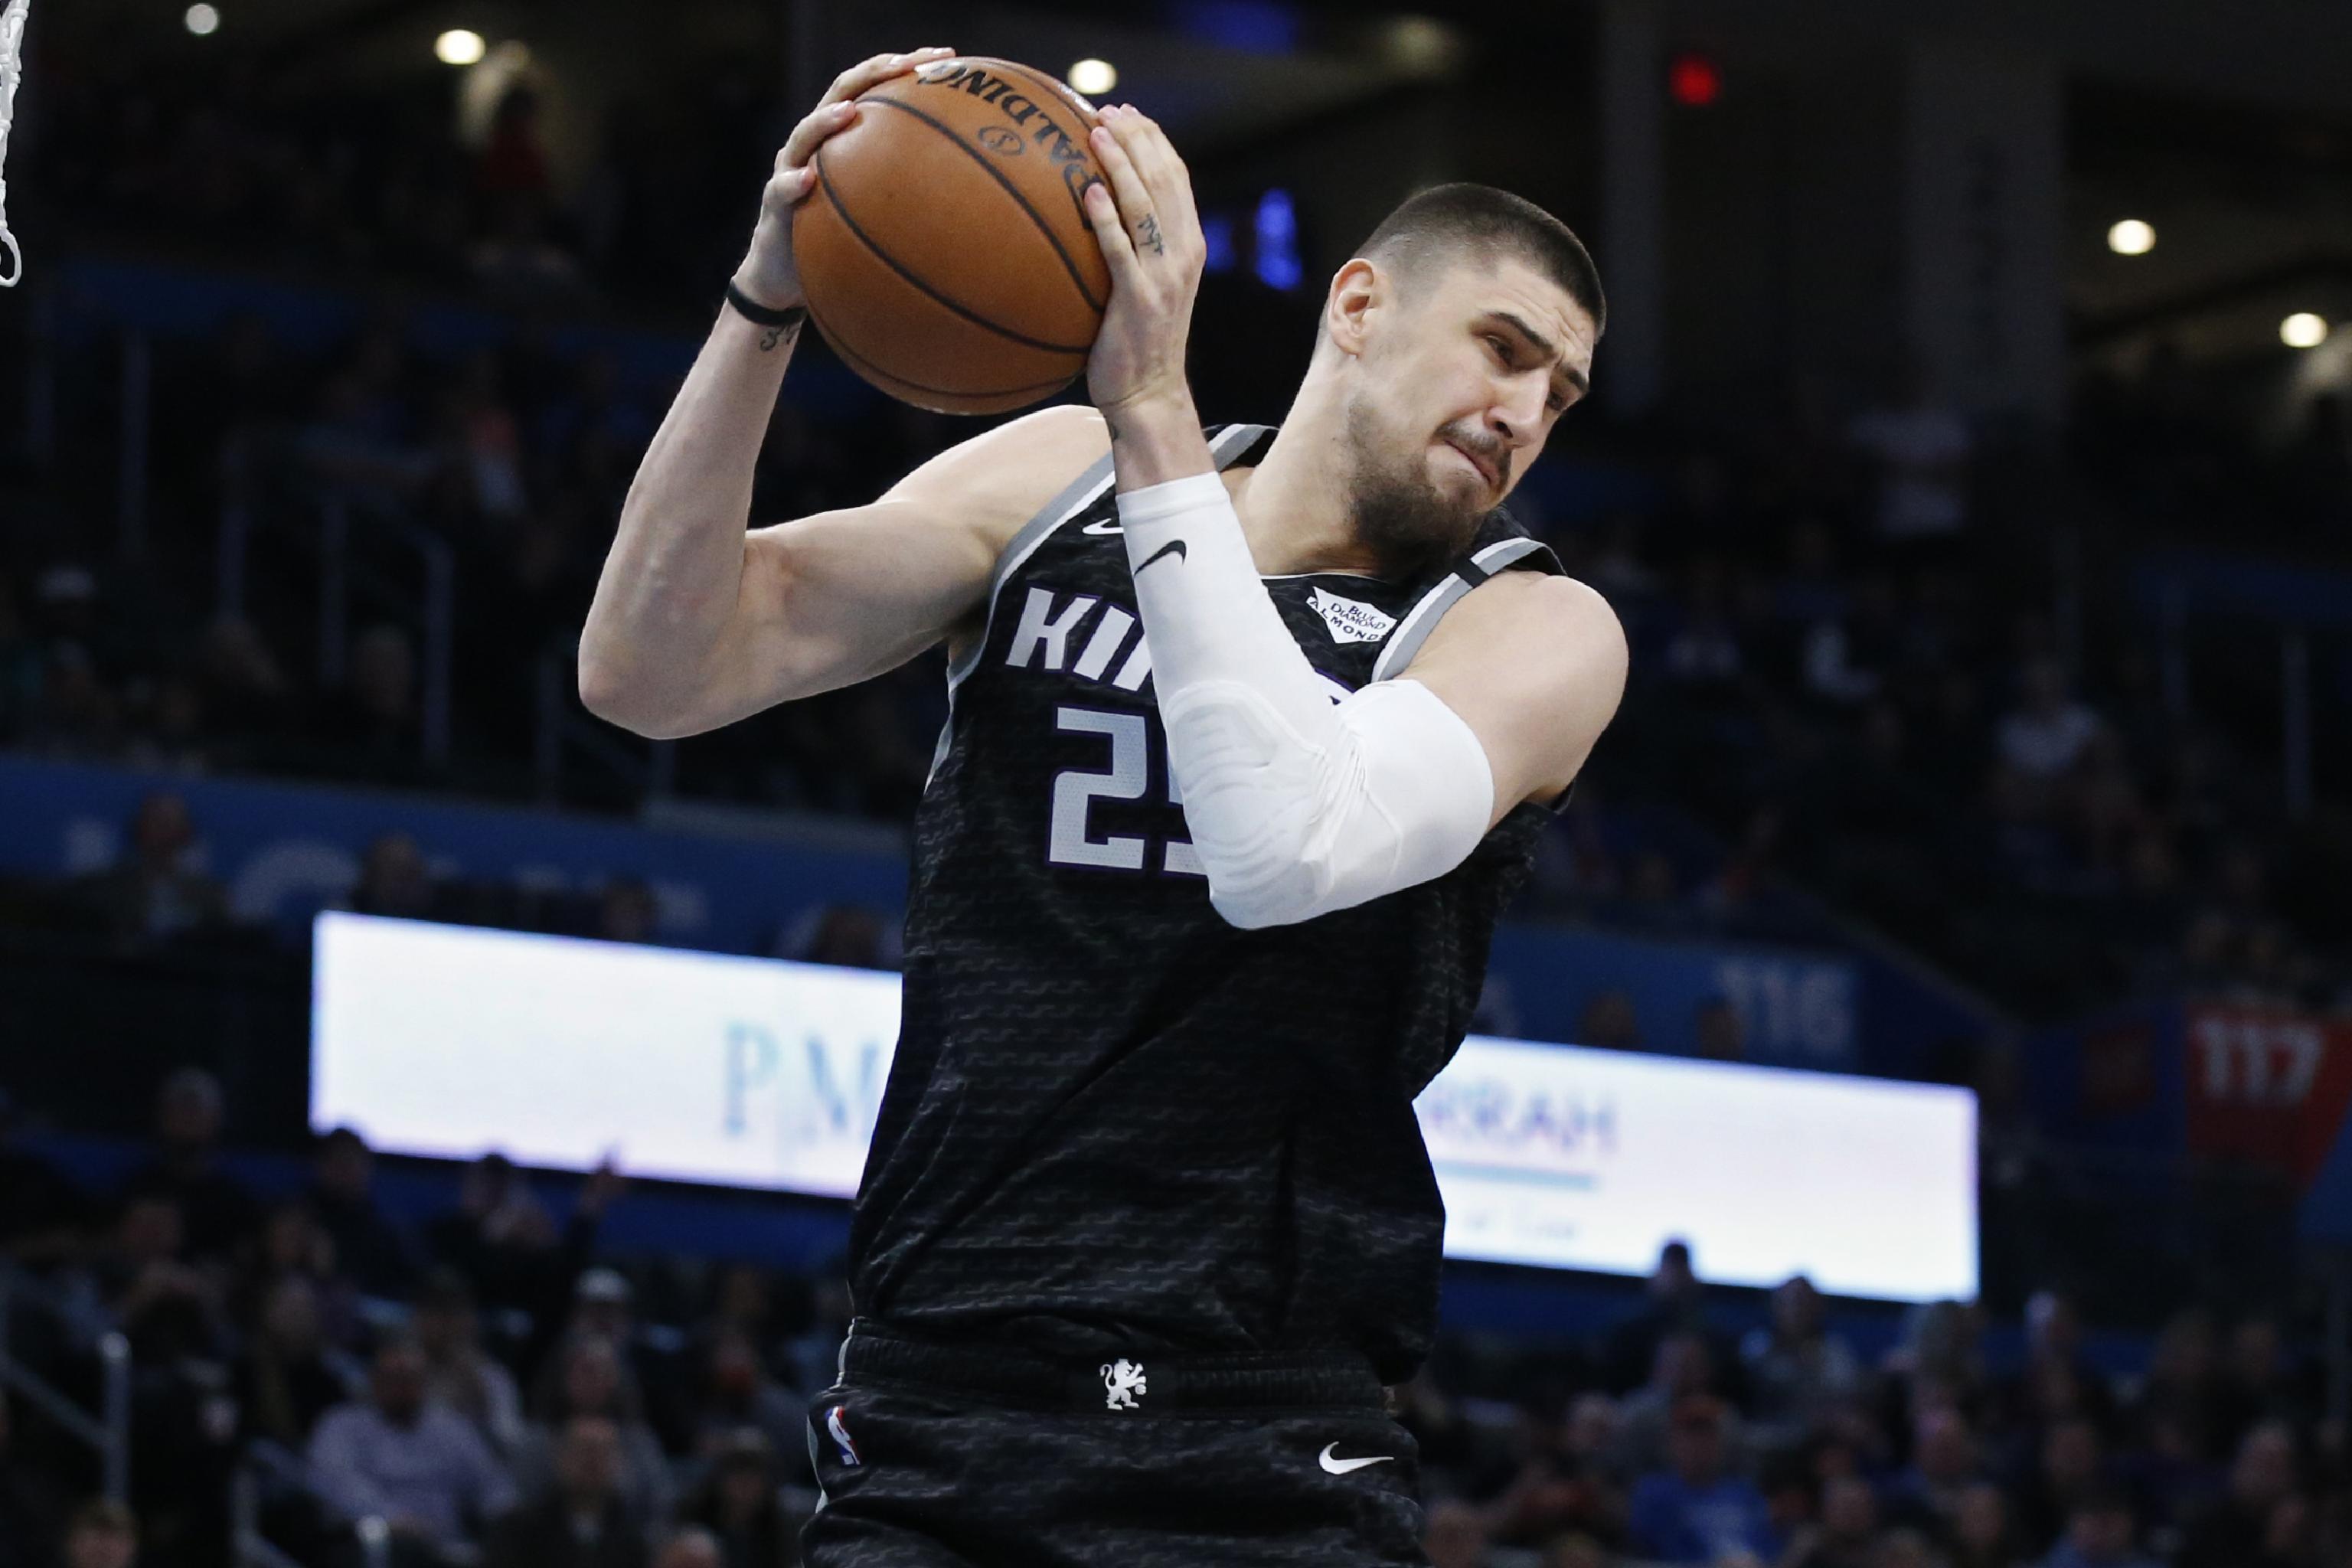 Олексій Лень допоміг Сакраменто виграти перший матч після рестарта сезону НБА